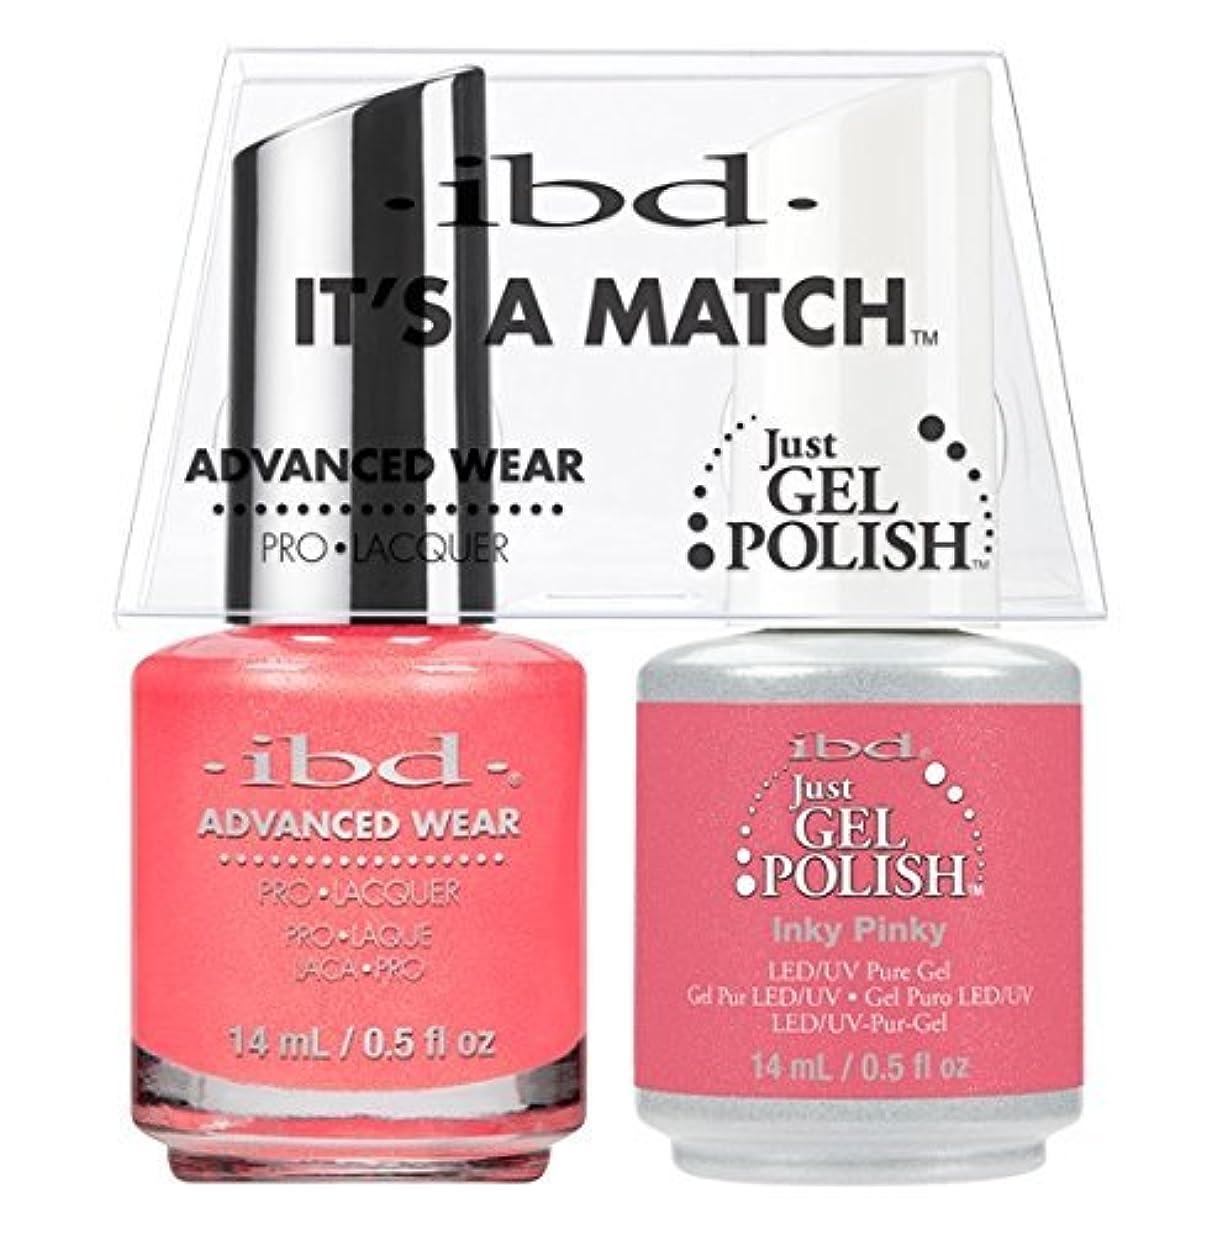 レンダー工夫する心理学ibd - It's A Match -Duo Pack- Inky Pinky - 14 mL / 0.5 oz Each